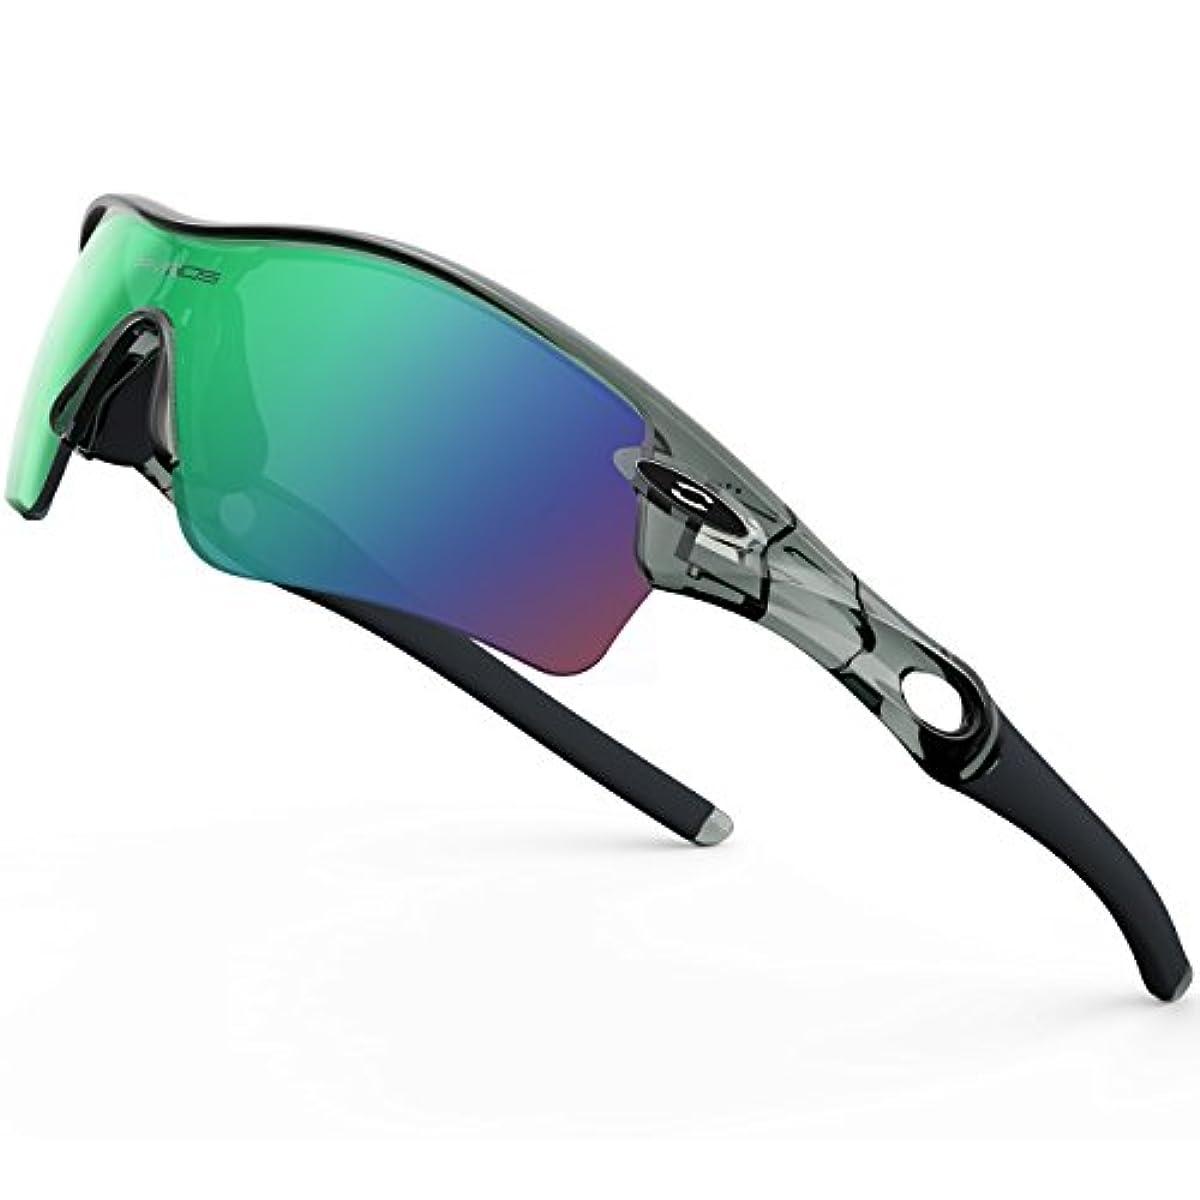 [해외] RIVBOS(re밧즈)RBK0805 스포츠 썬글라스 편향 썬글라스 편광 렌즈1 매교환 렌즈5매 로드 오토바이 자전거UV400 자외선 컷 맨즈 레이디스 유니 썬글라스